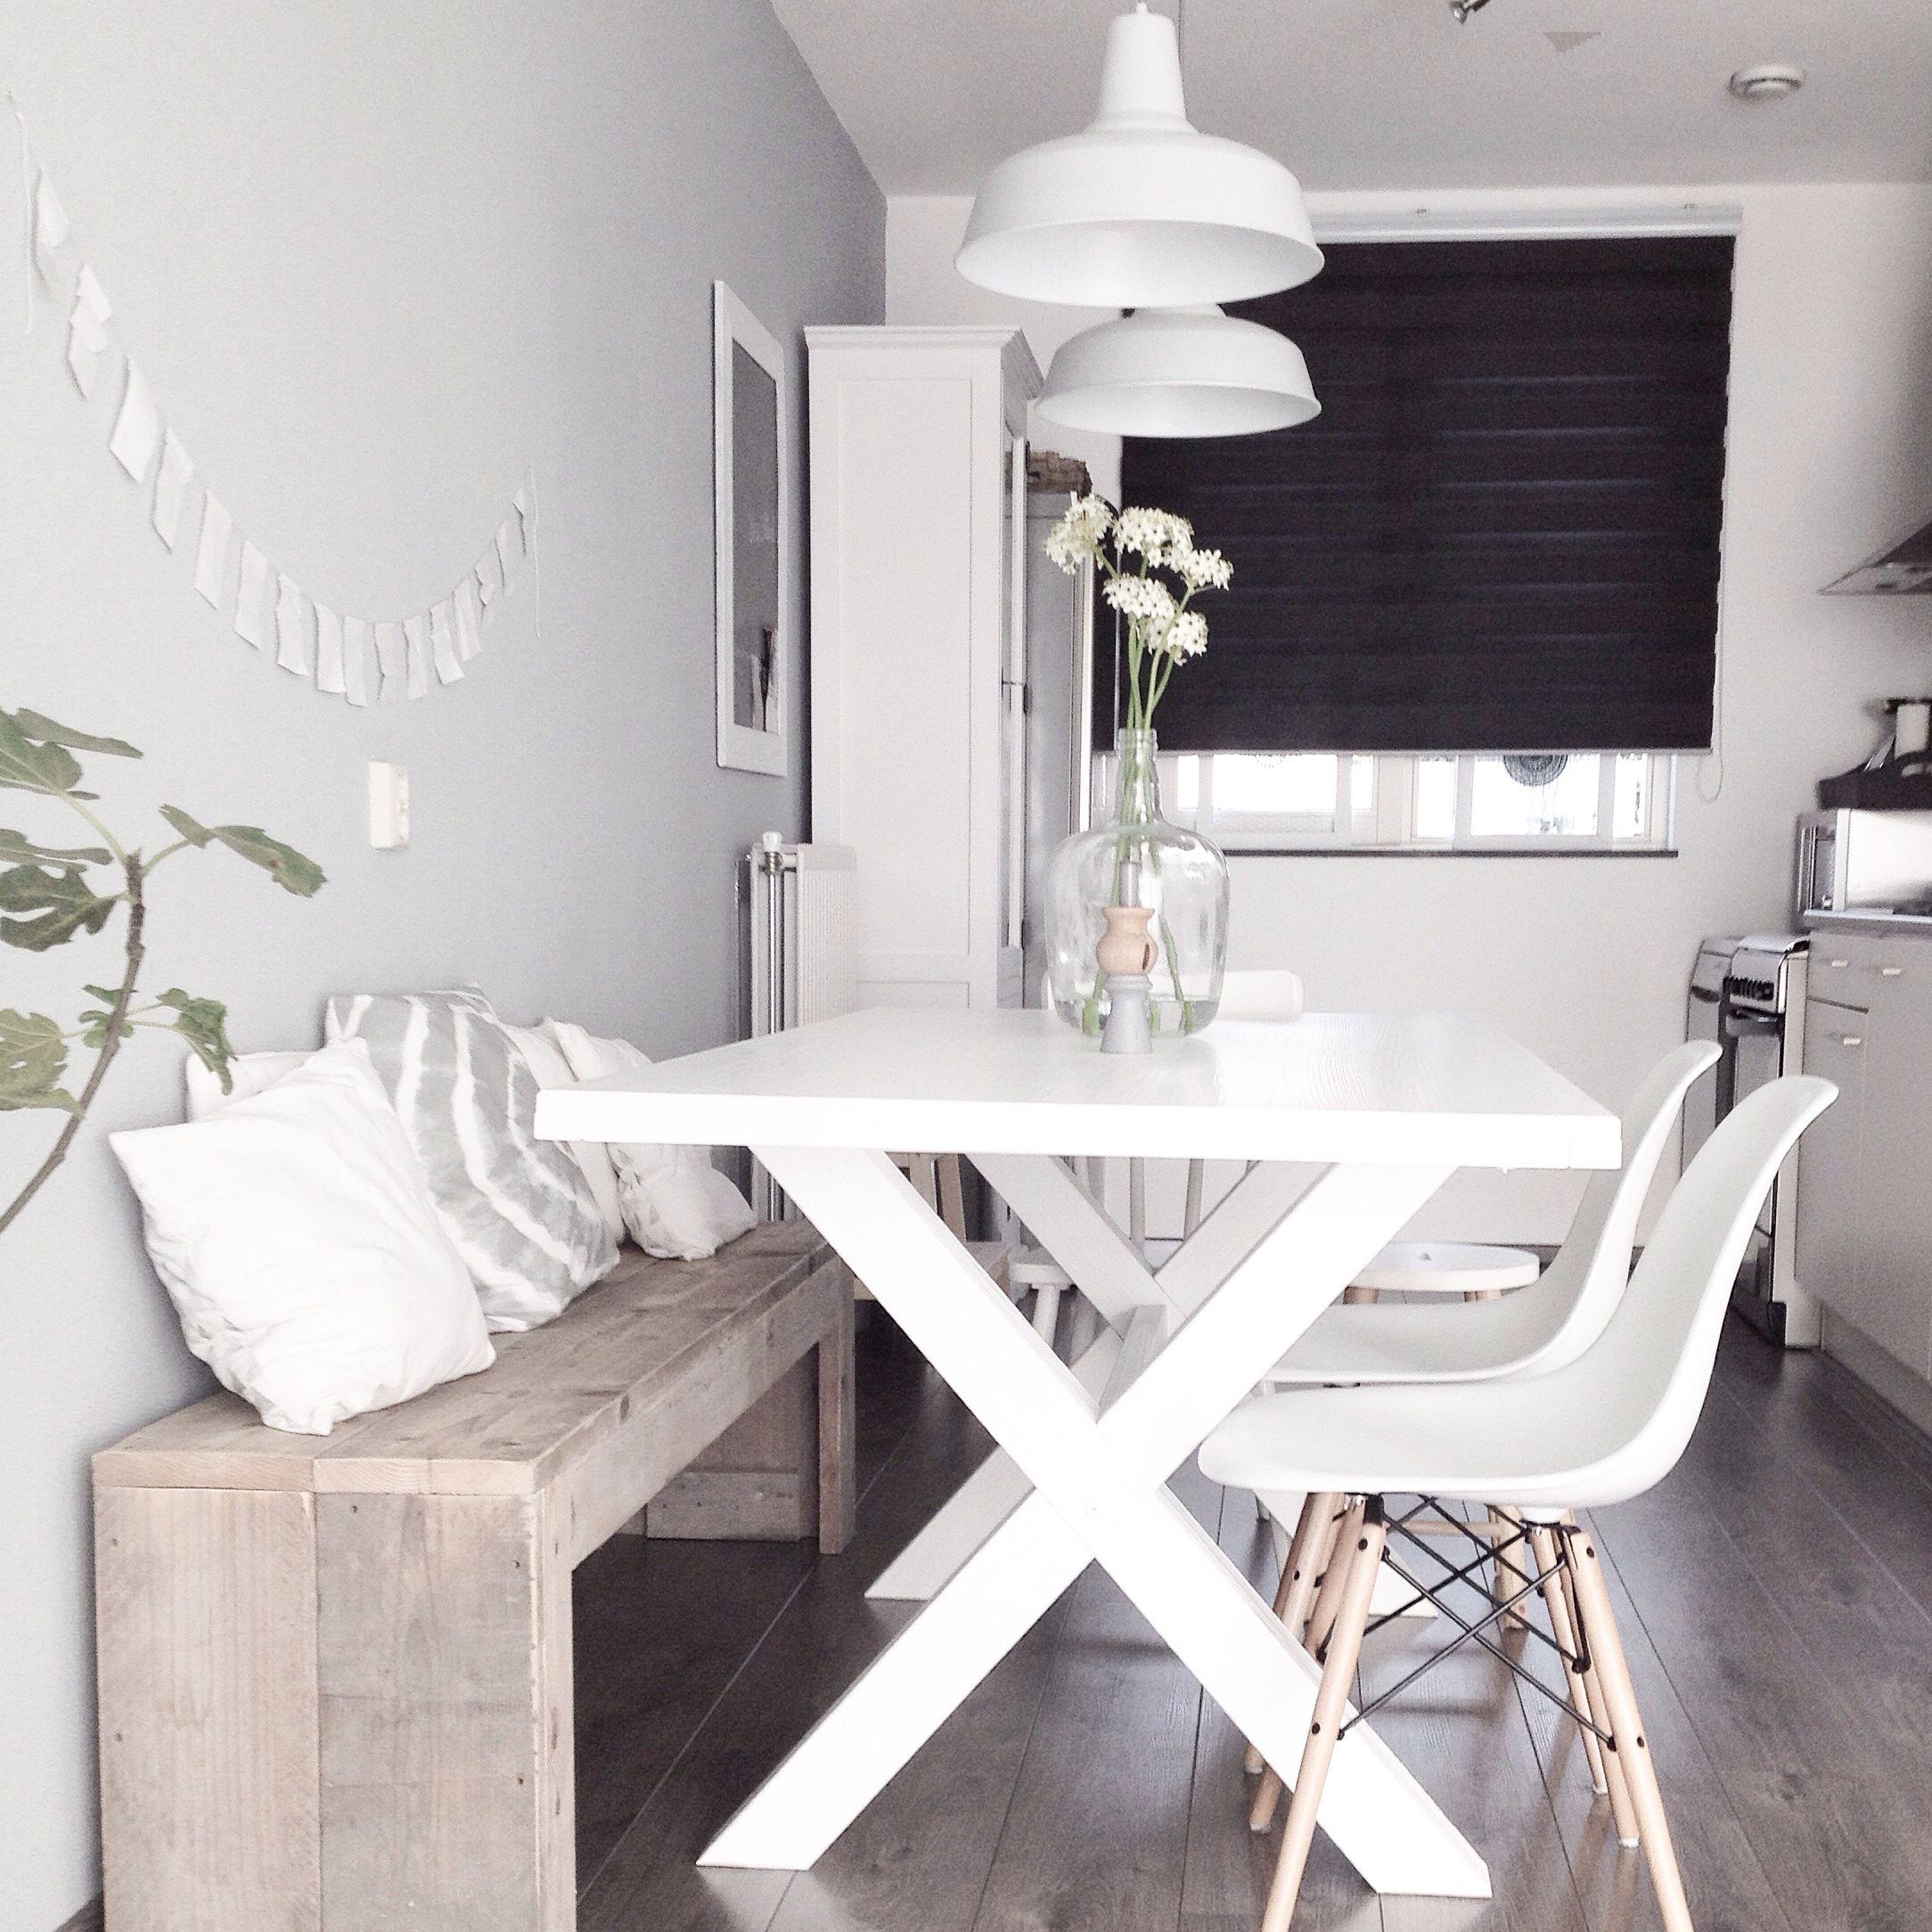 Combinación de sillas de Eames con banco de madera  reciclada